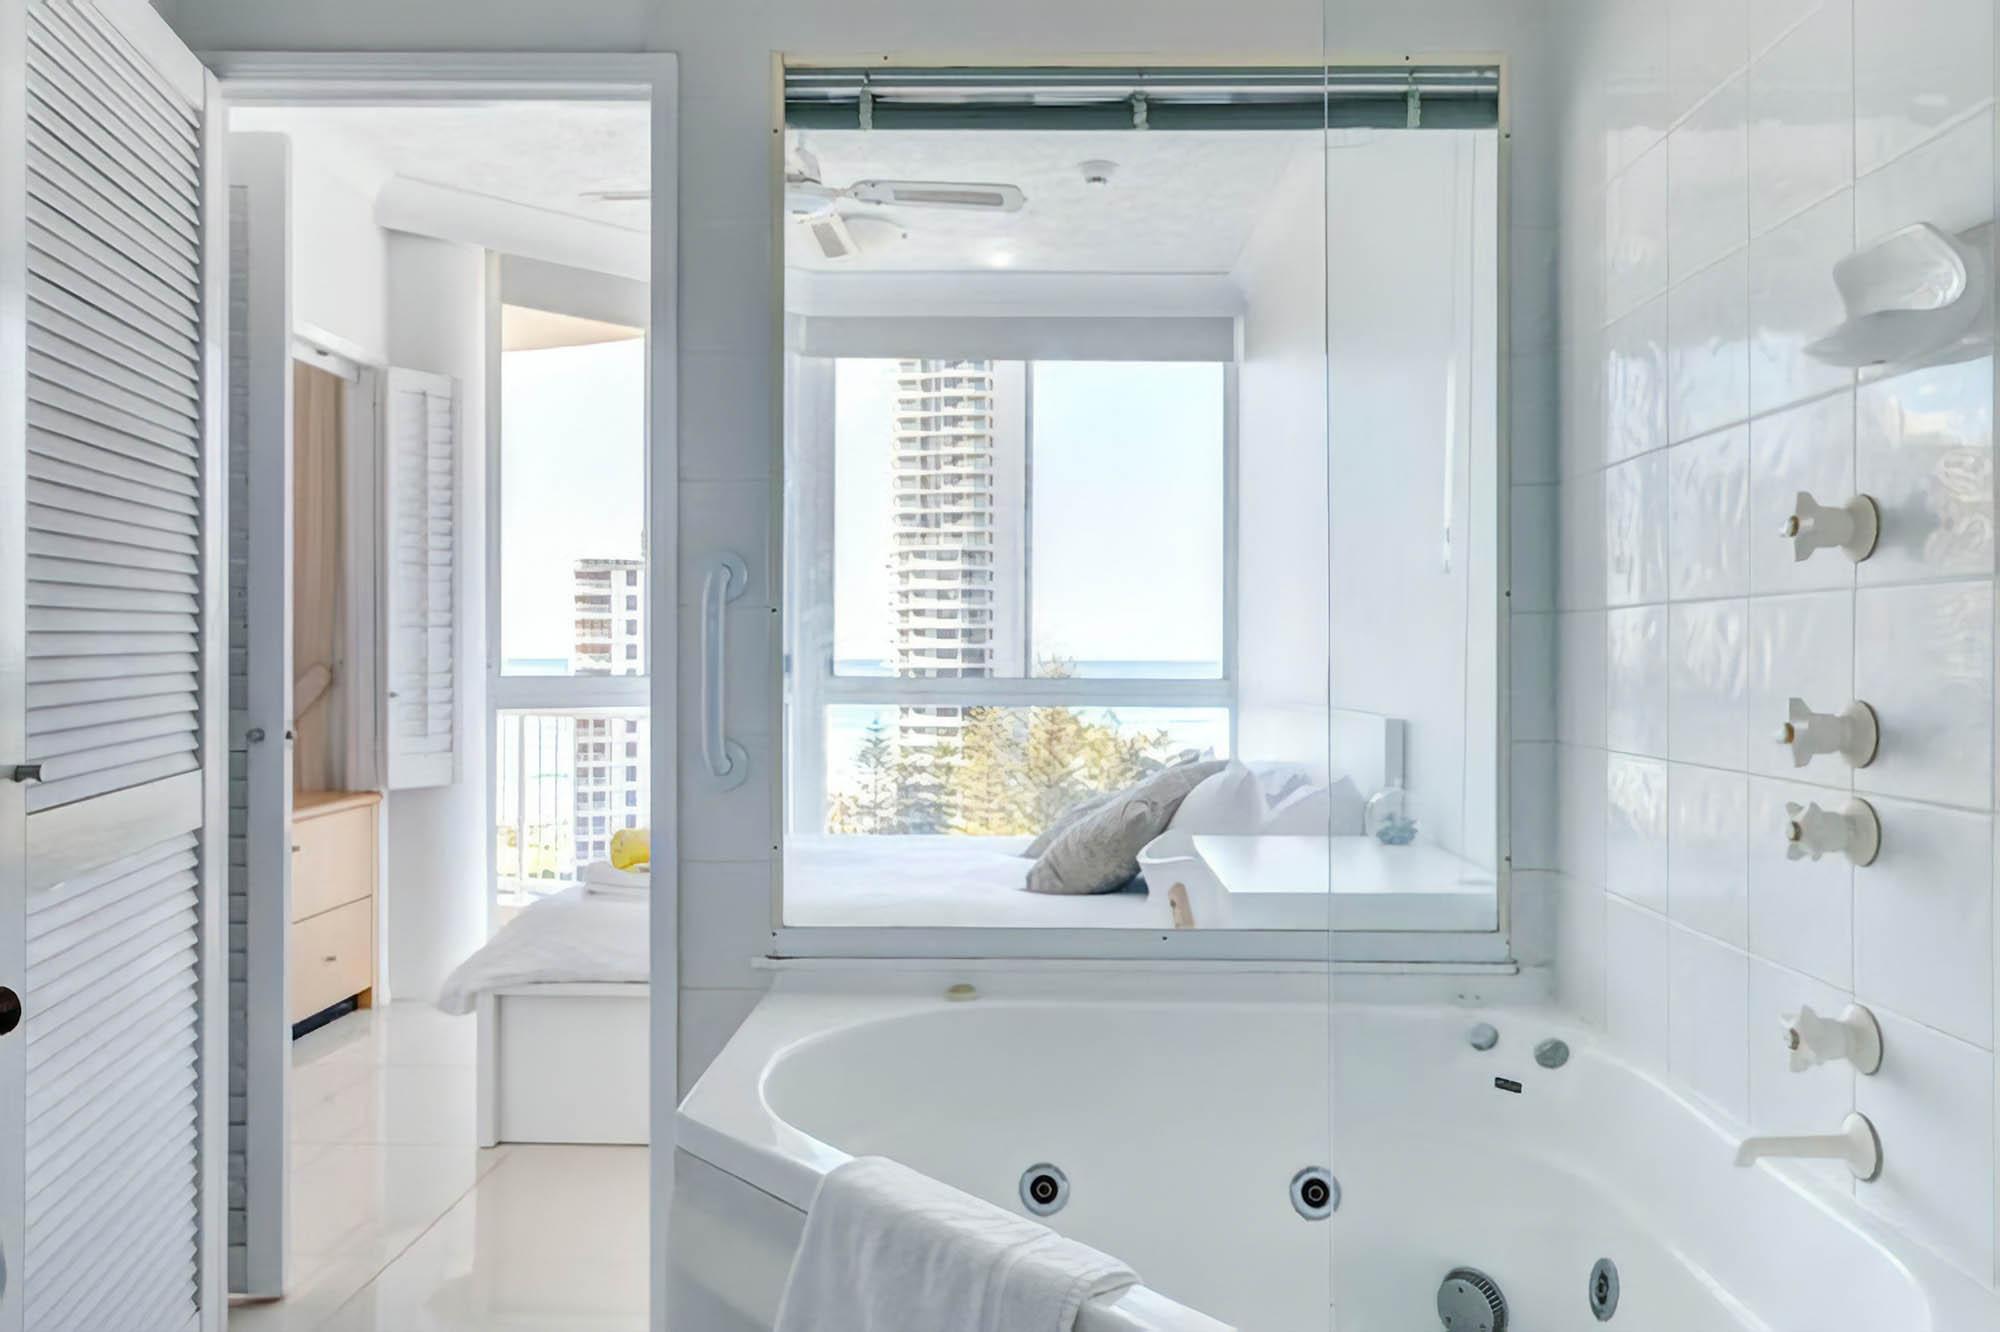 Ванная в квартире в Голд-Косте. Это так здорово — принимать душ и видеть океан! Источник: airbnb.com